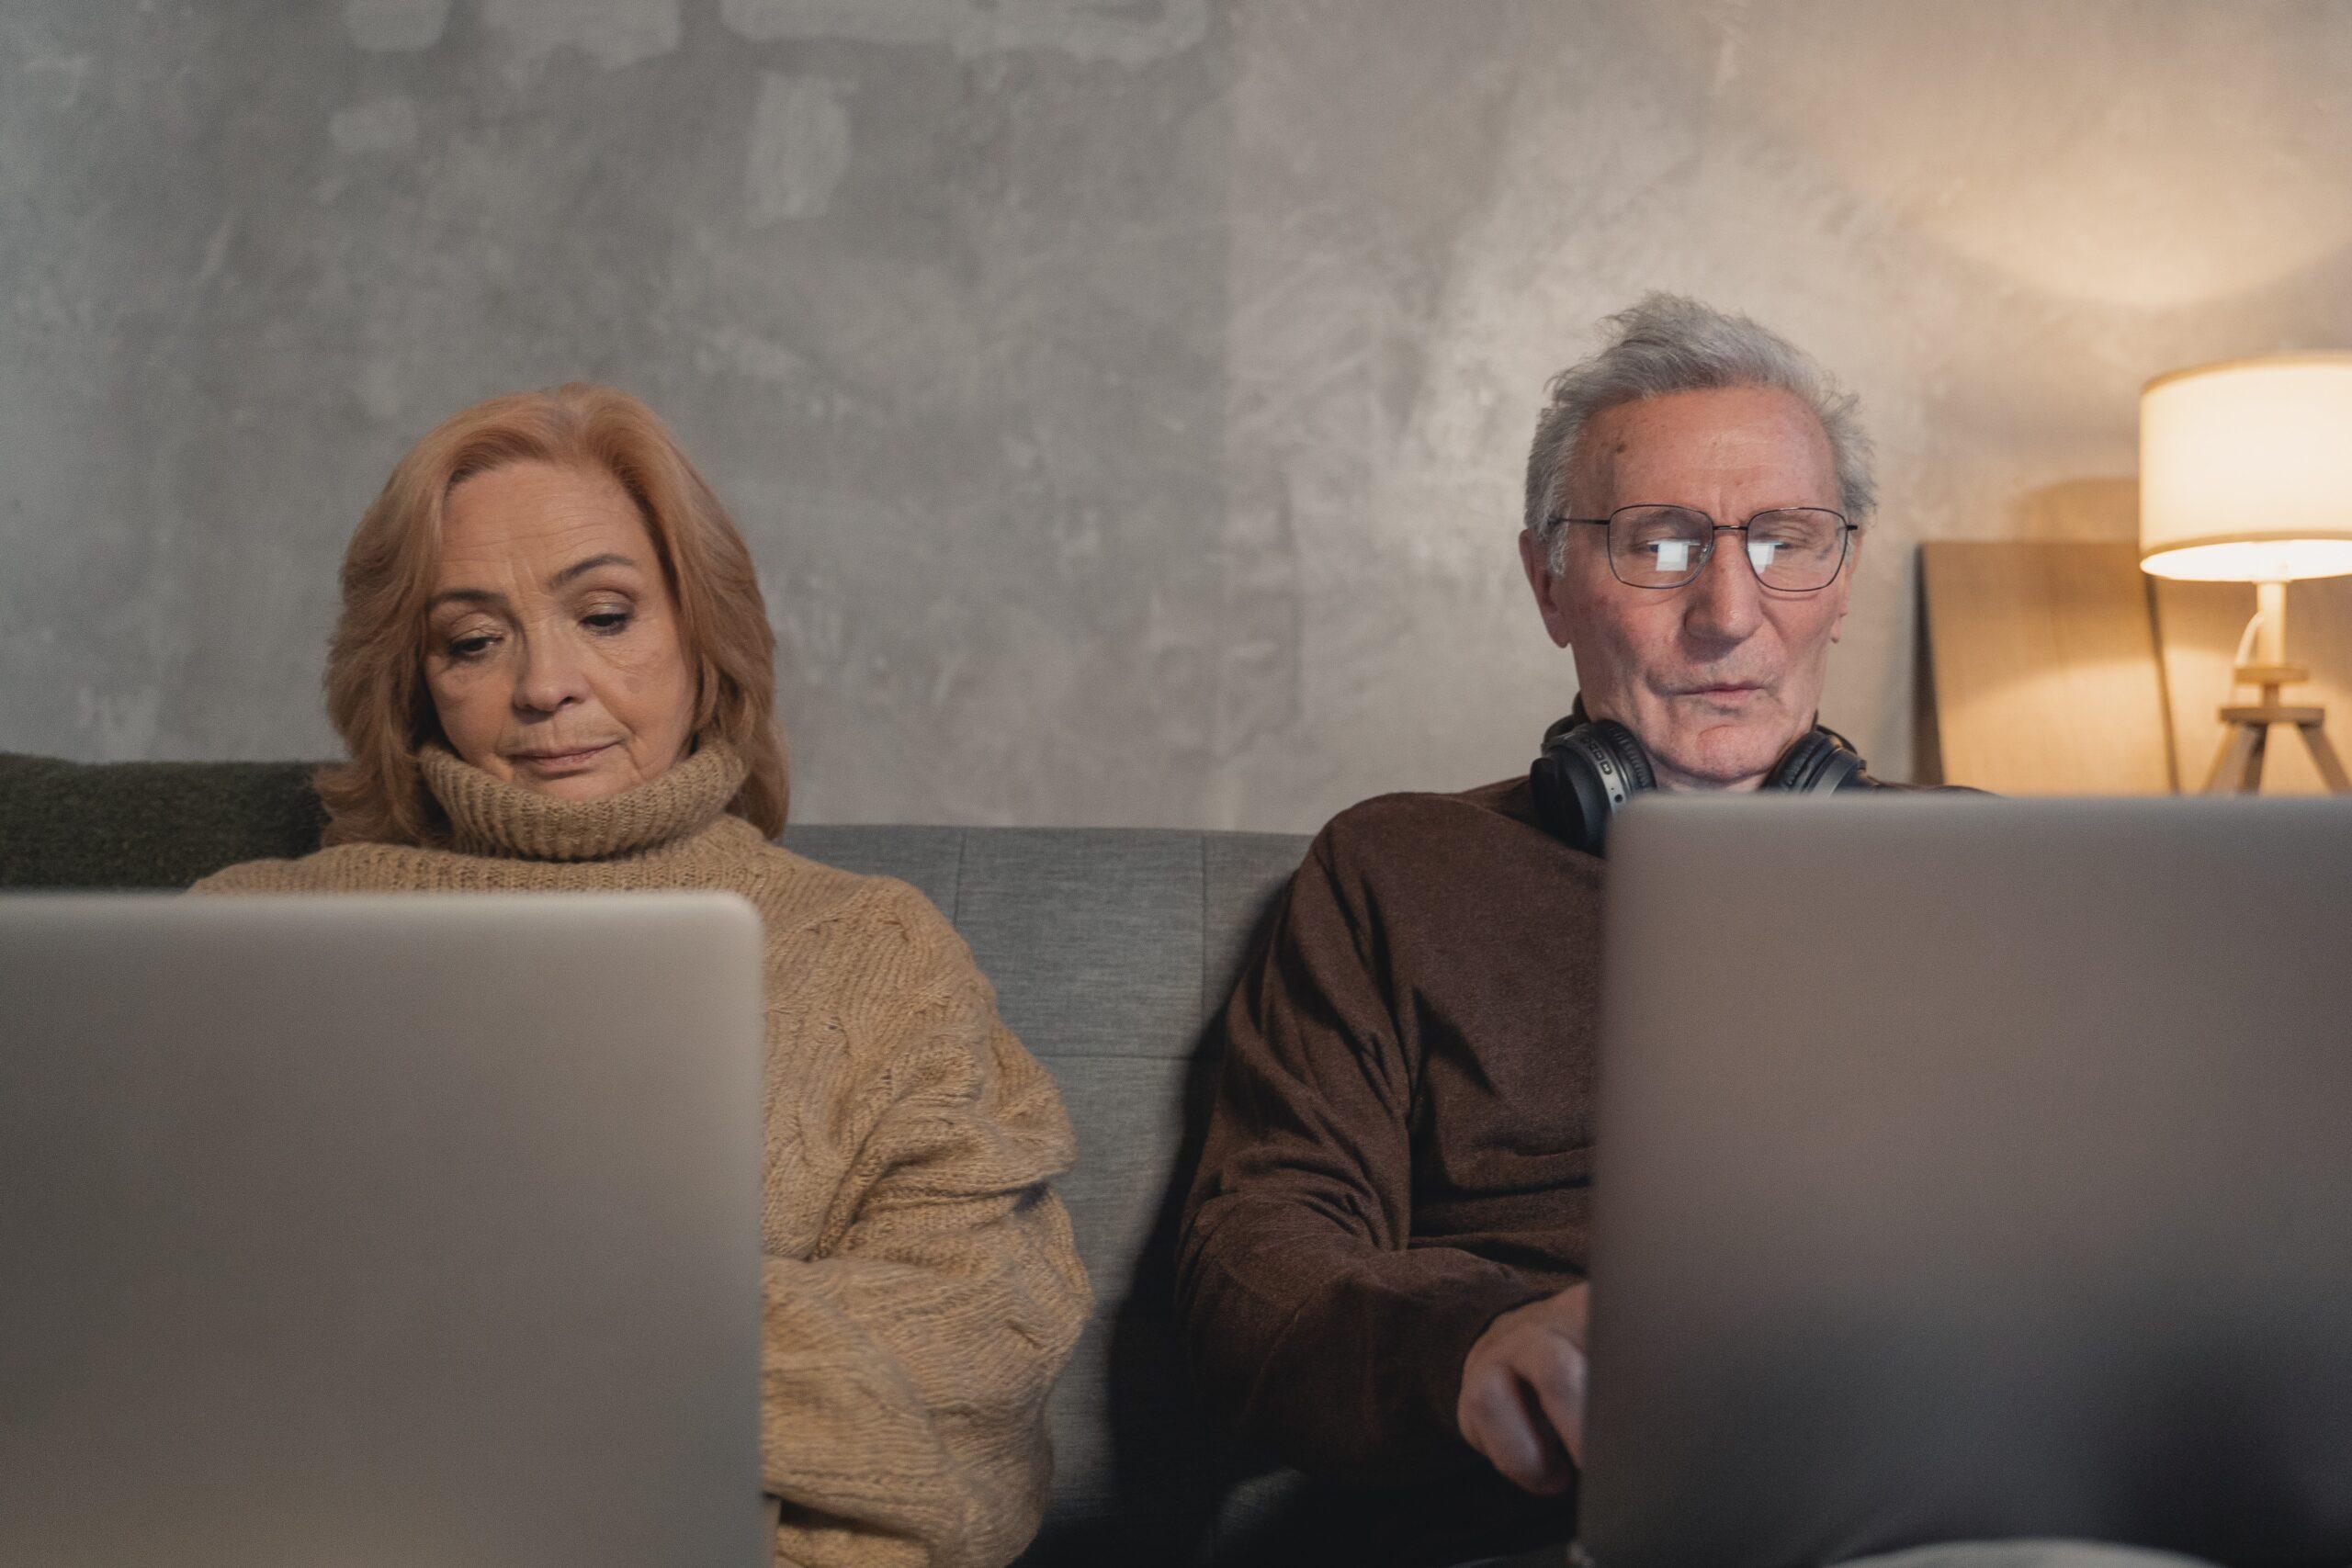 Samen de Stap: Hoe ervaren ouderen de coronasituatie en maatregelen?